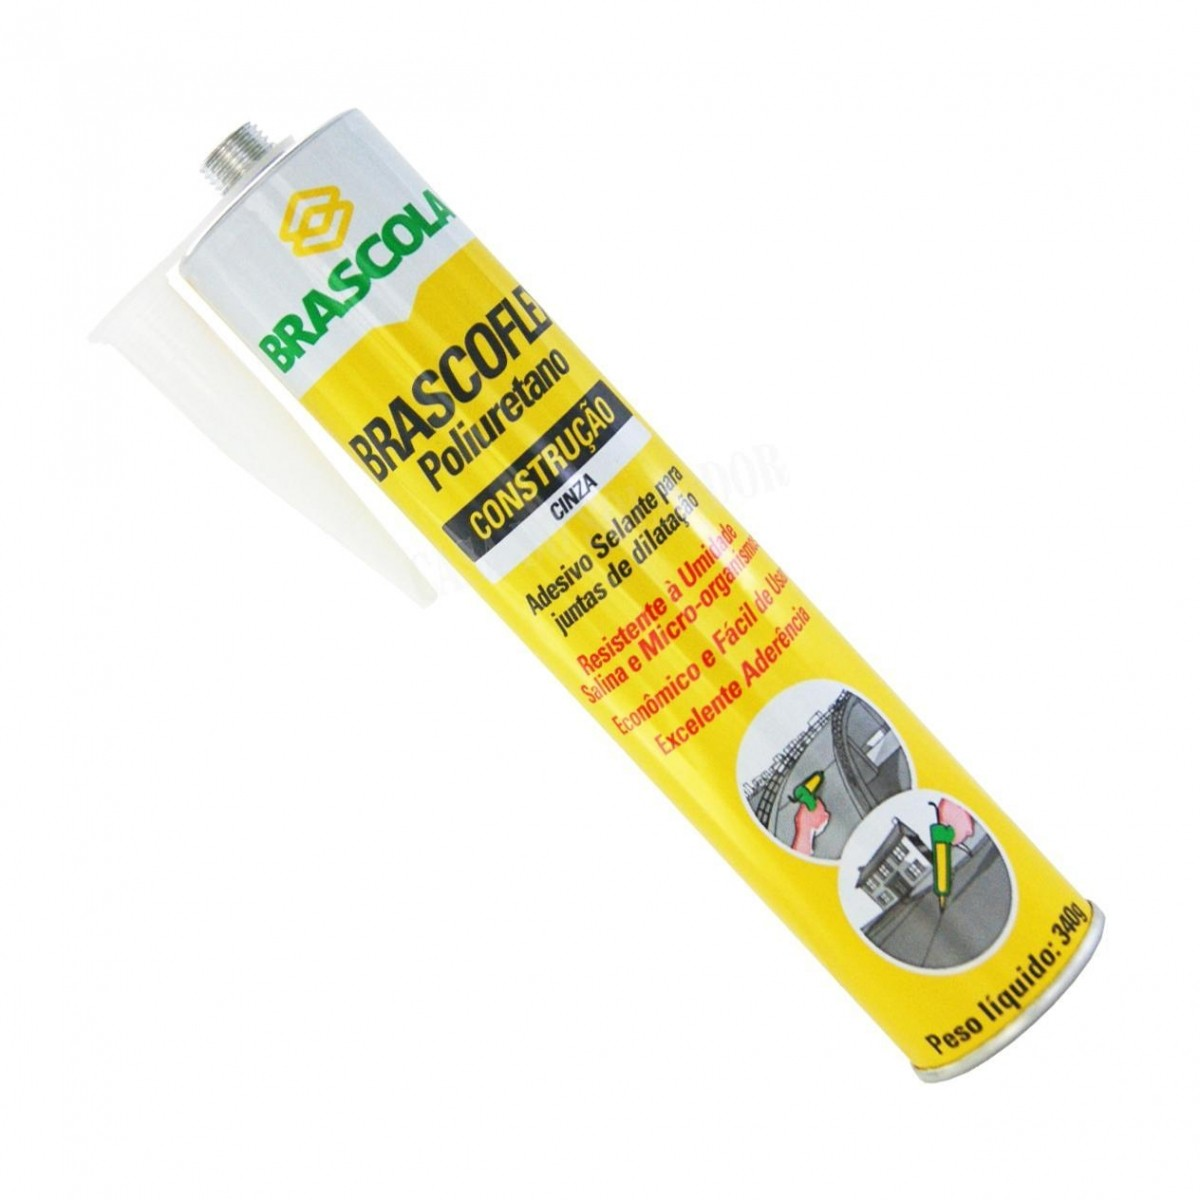 Adesivo Poliuretano Cinza Brascoflex 340g  - Rei da Borracha